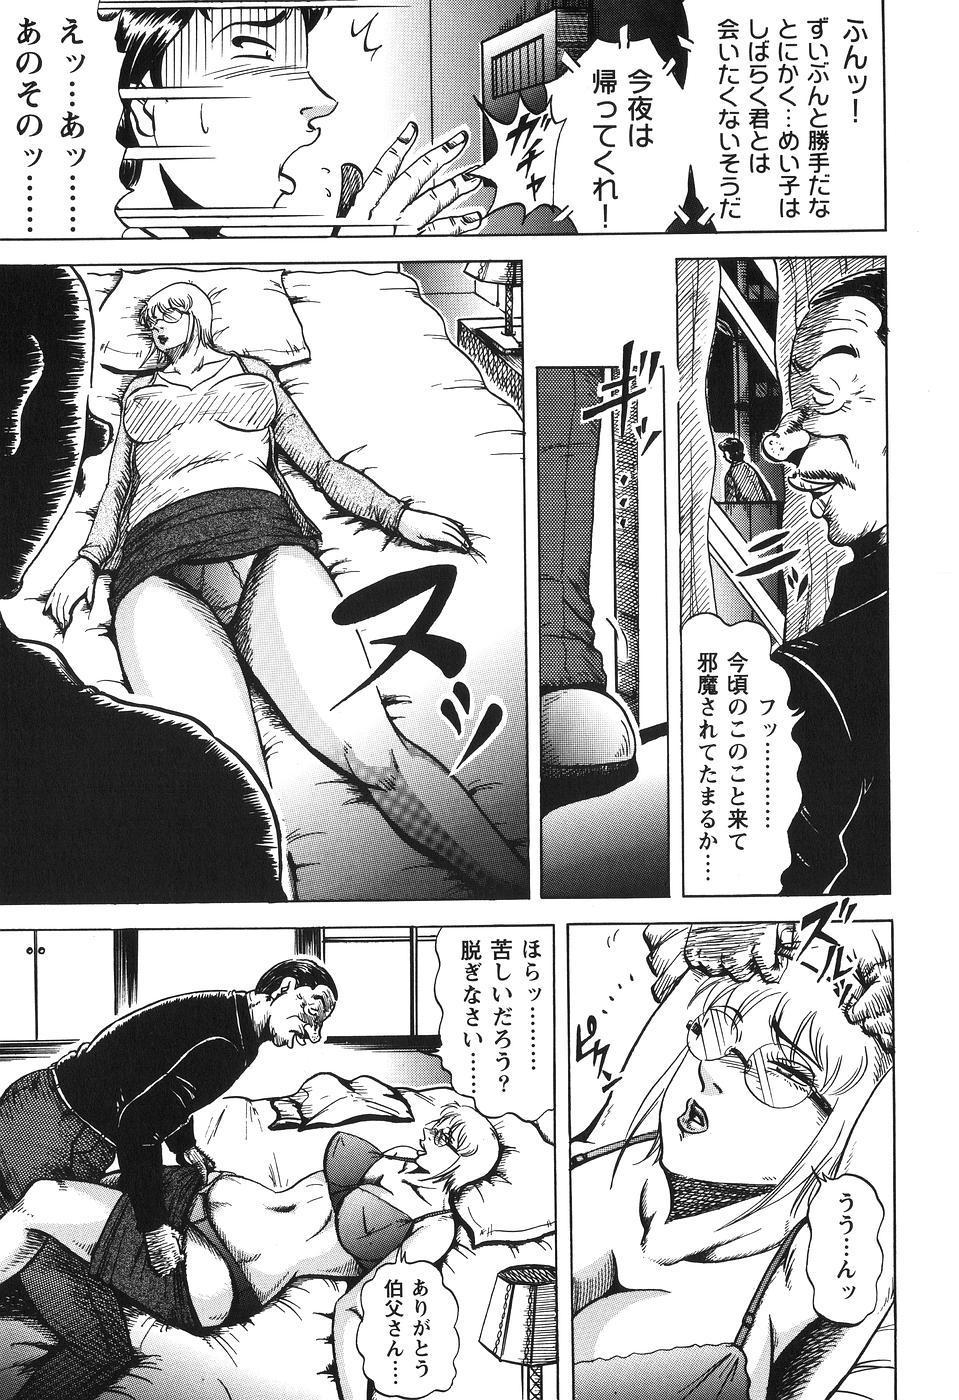 Jukubo Soukan Yosoji no Tawamure 106